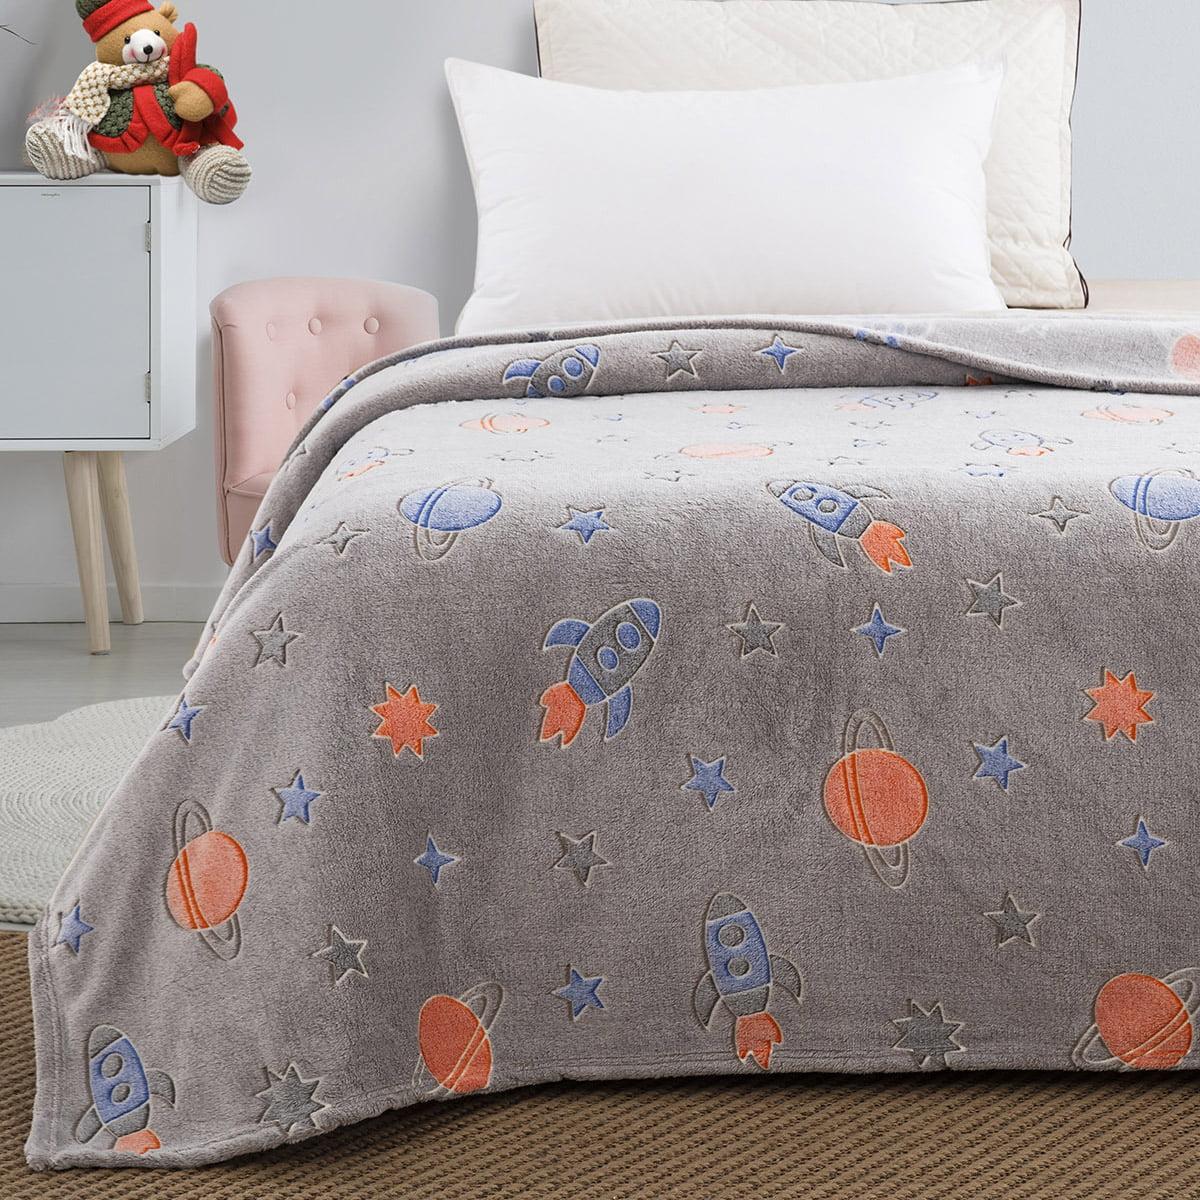 Κουβέρτα μονή φωσφορίζουσα Art 6149 160x220 Γκρι Beauty Home